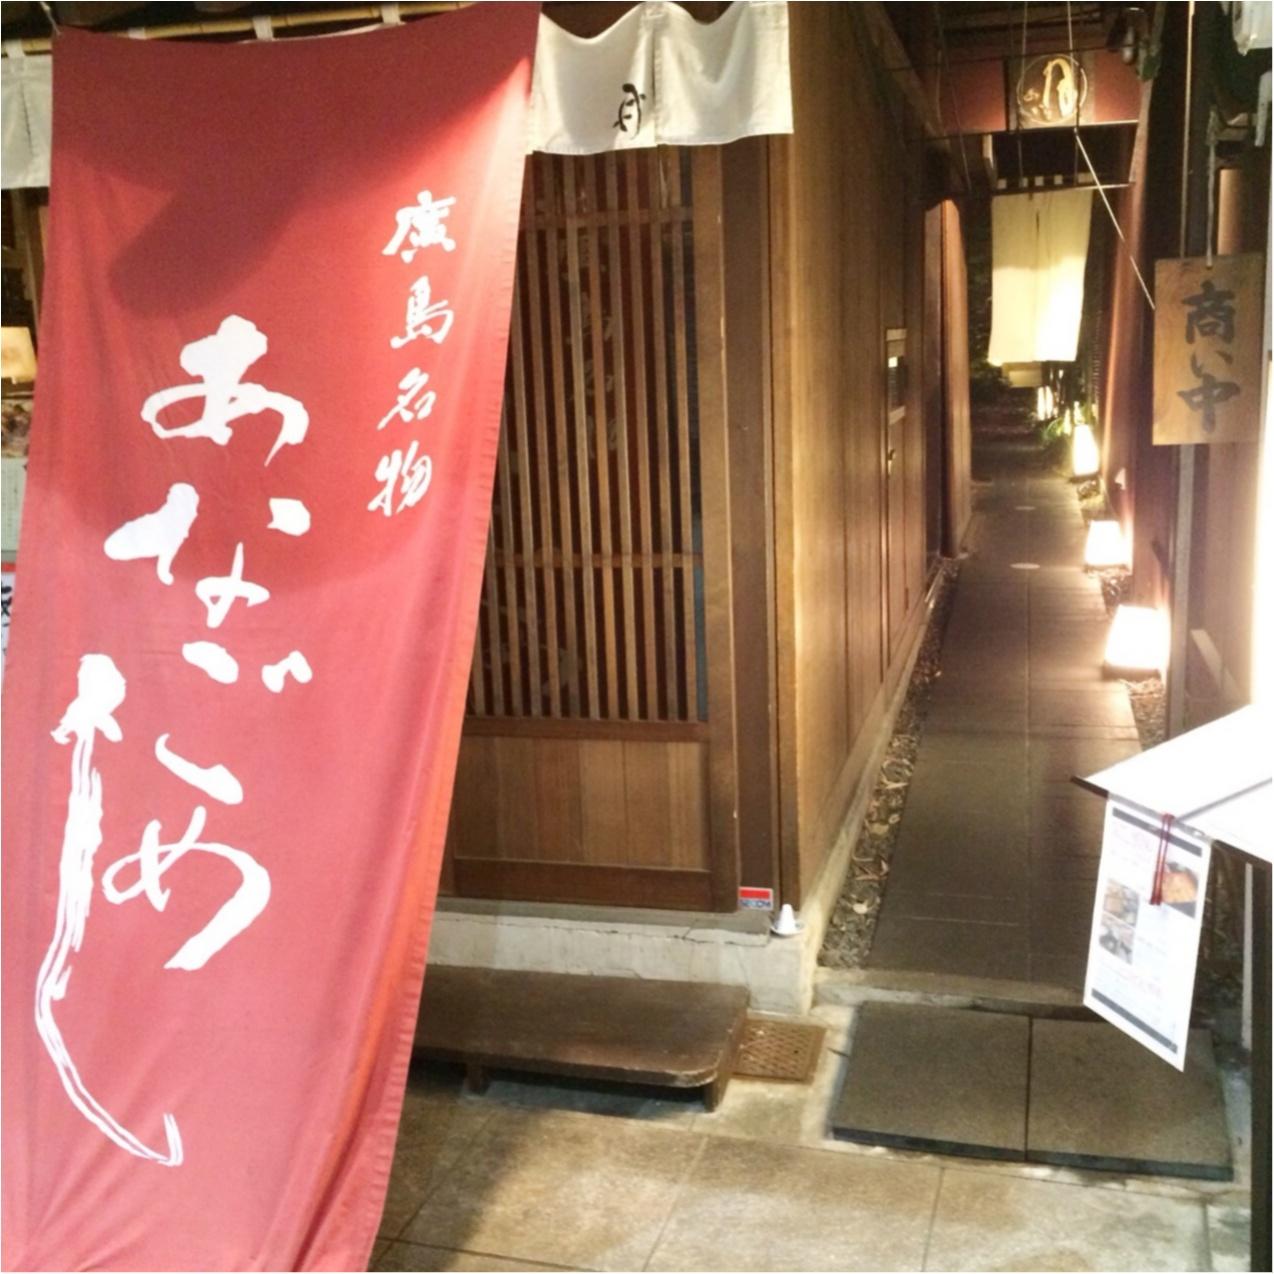 広島に行ったら食べたい!宮島名物《 あなごめし 》が手軽に食べられるお店♡_7